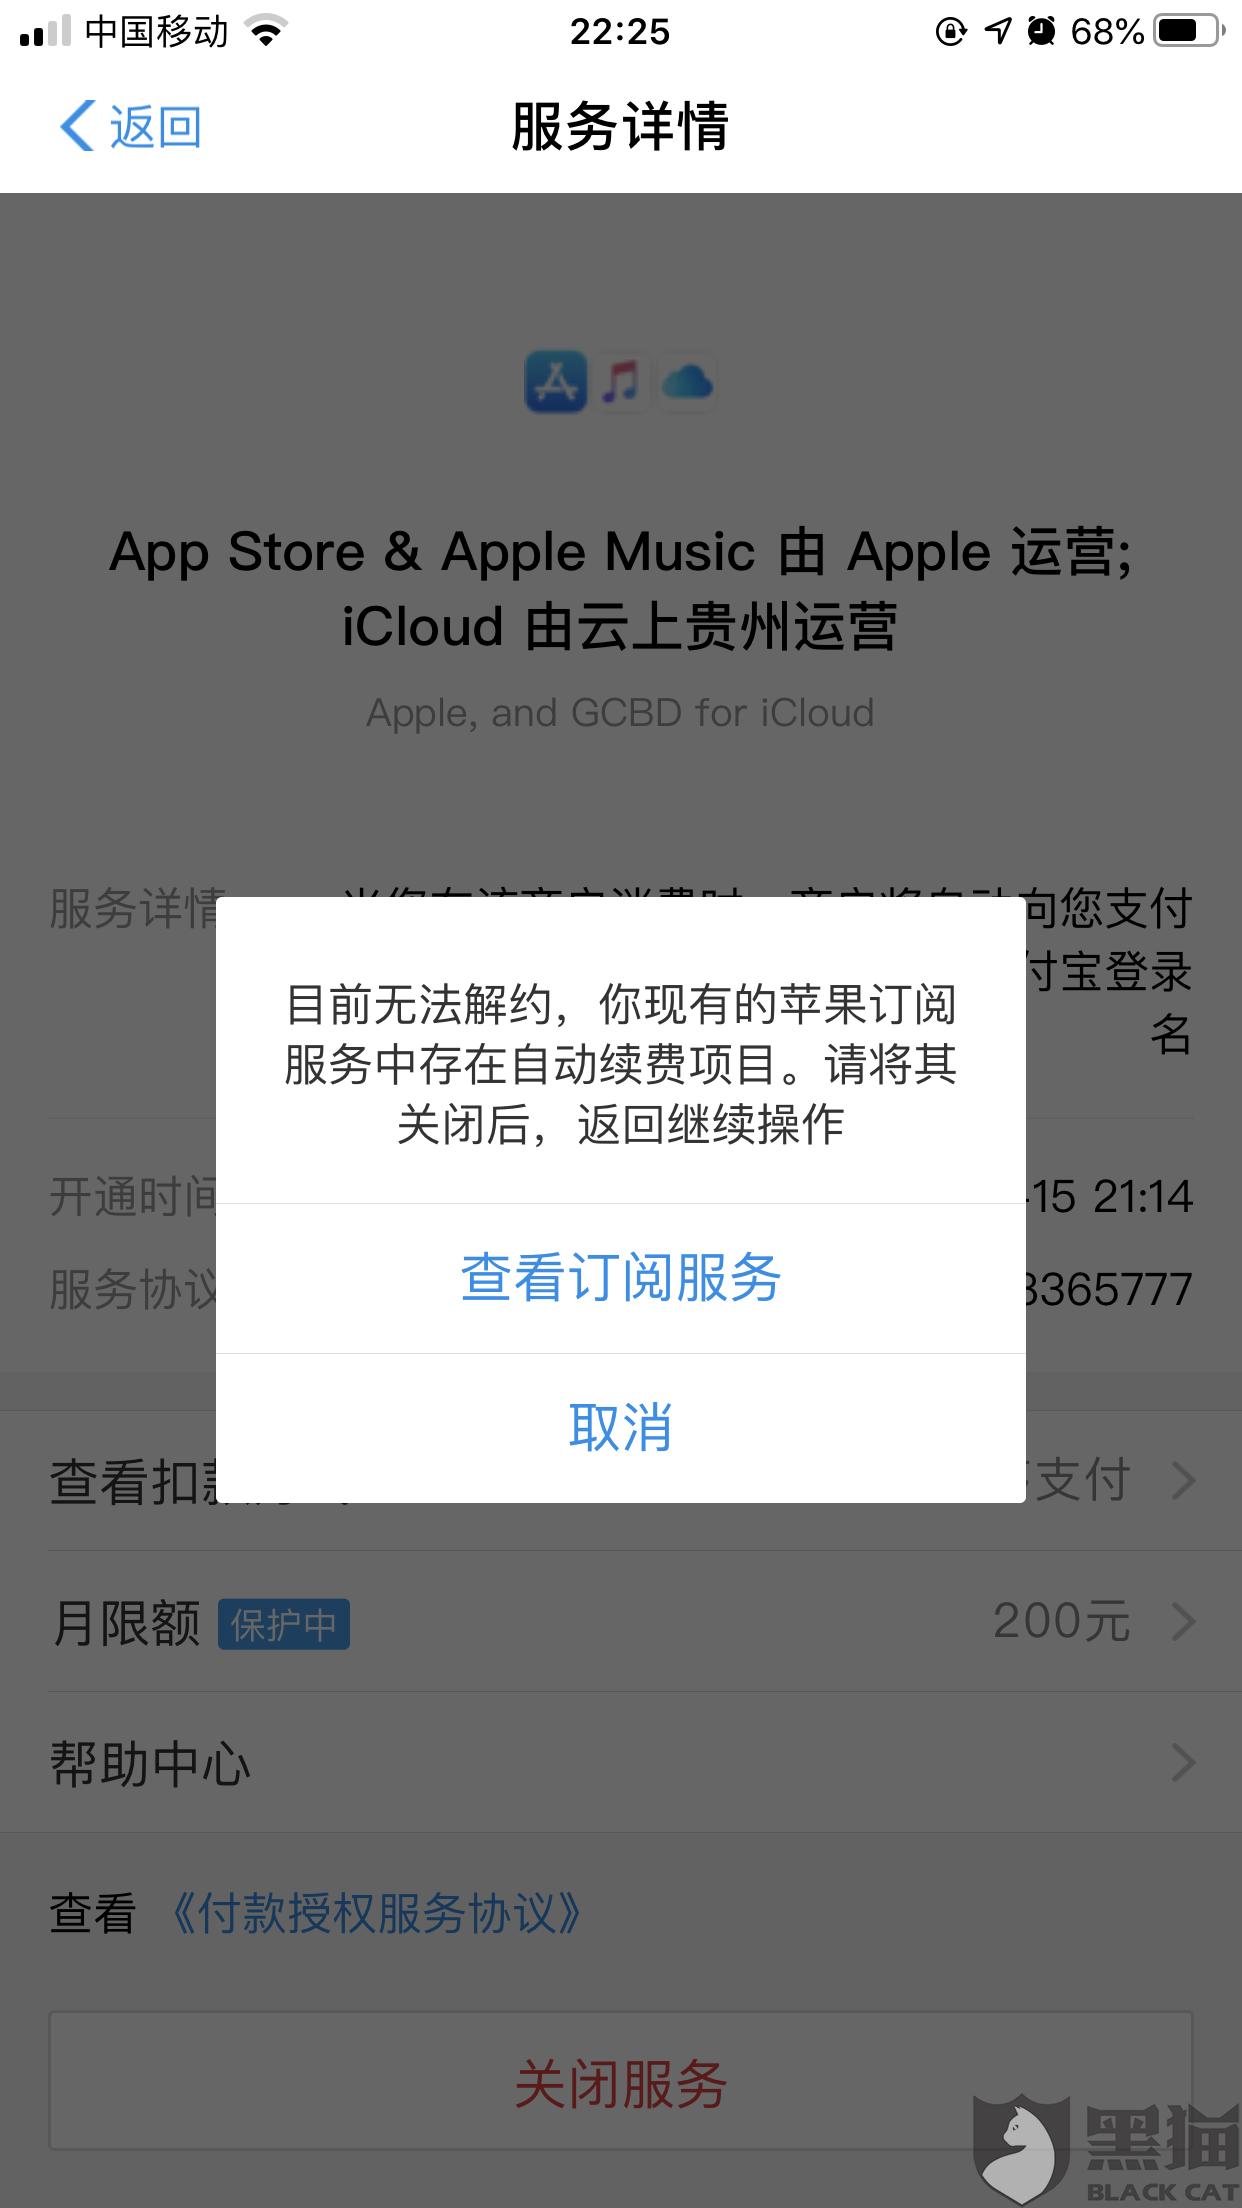 黑猫投诉:apple music自动续费无法取消